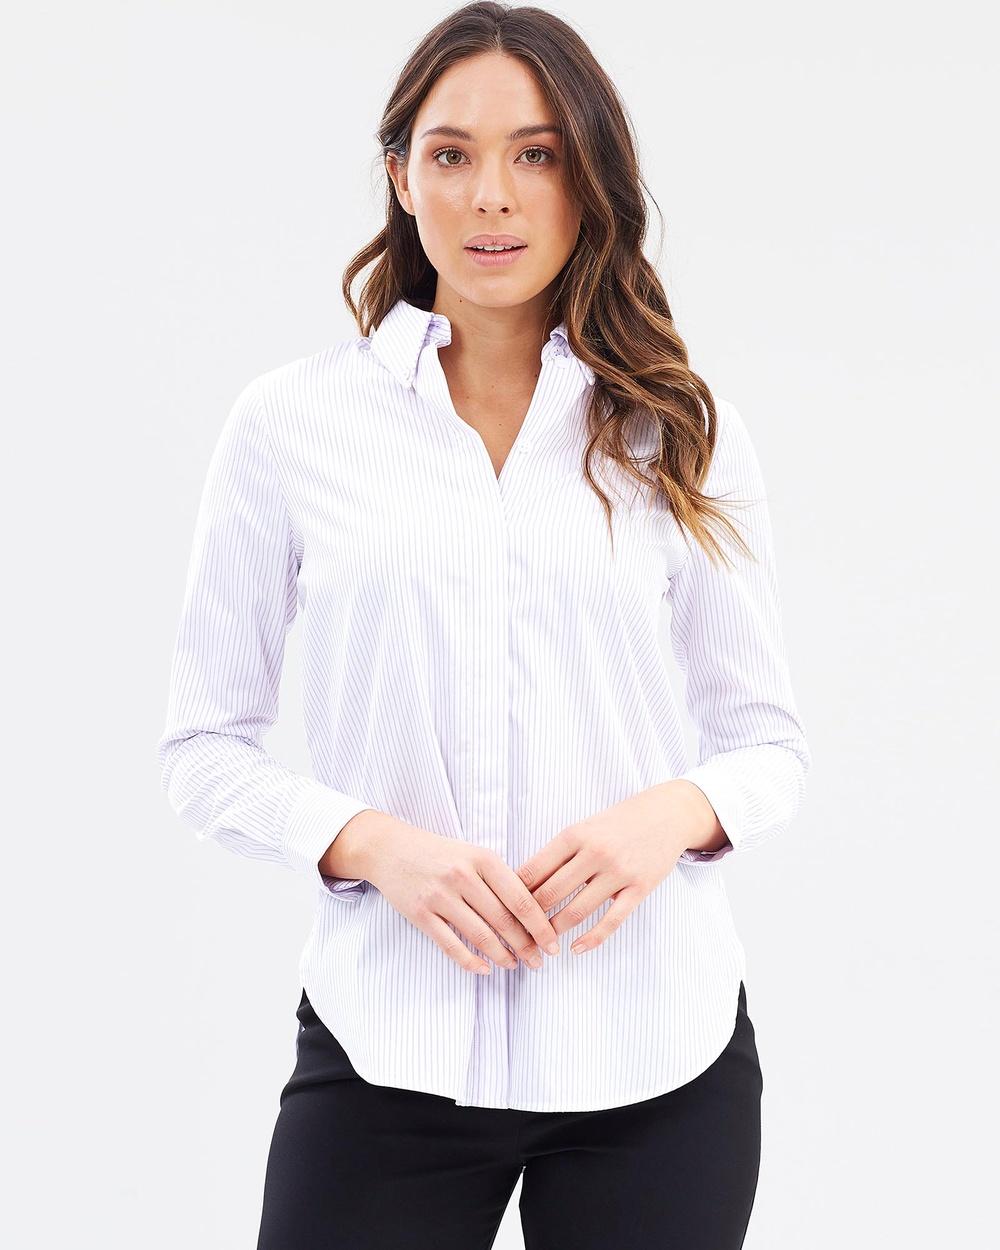 SABA Joy Oversized Shirt Tops Lilac & White Joy Oversized Shirt